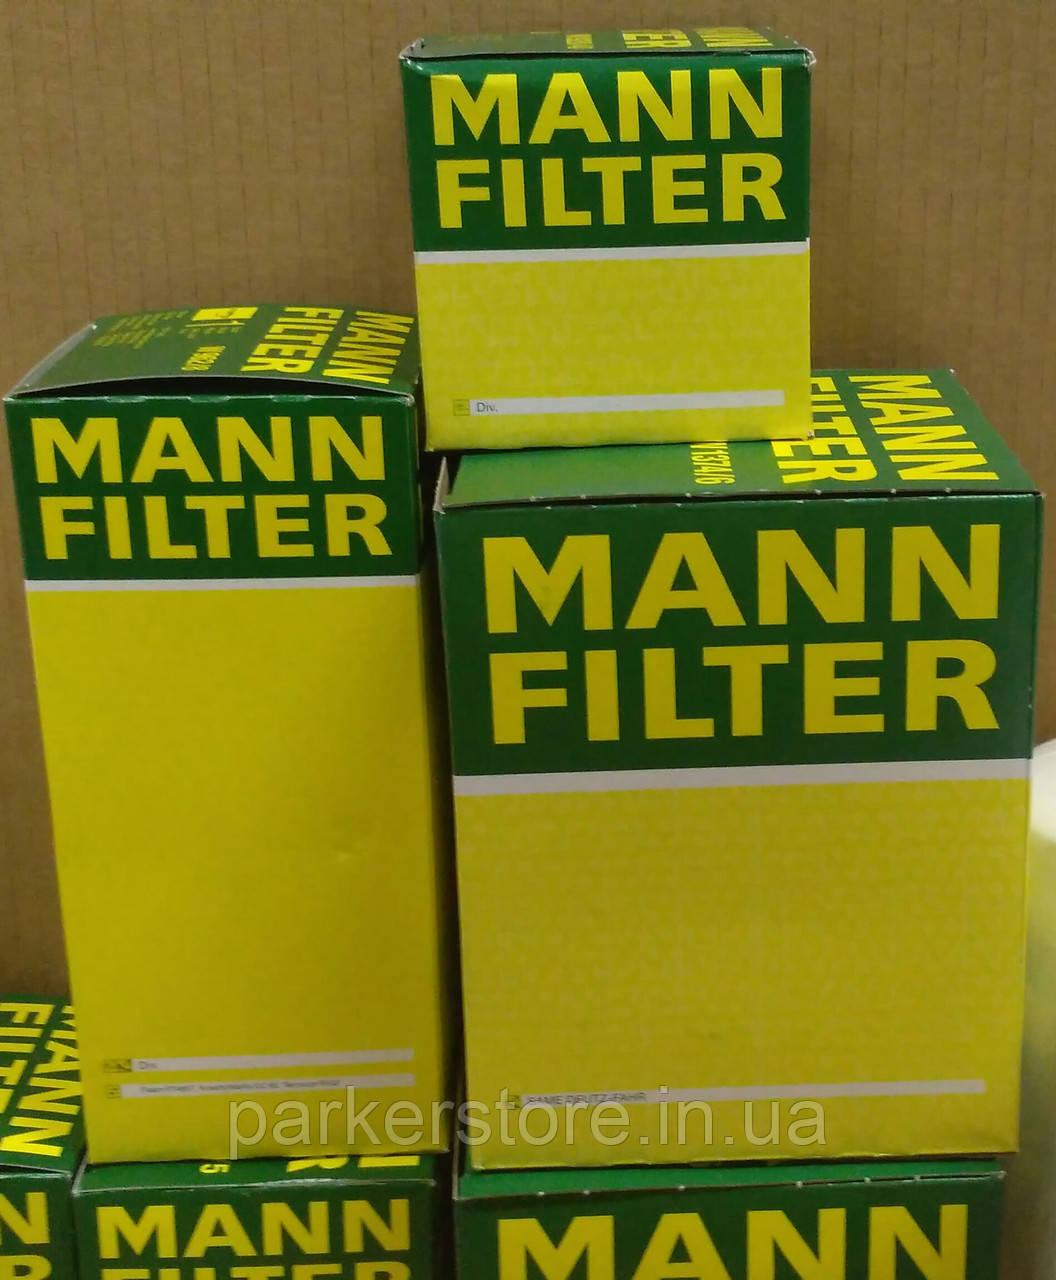 MANN FILTER / Воздушный фильтр / C 26 315/4 / C26315/4